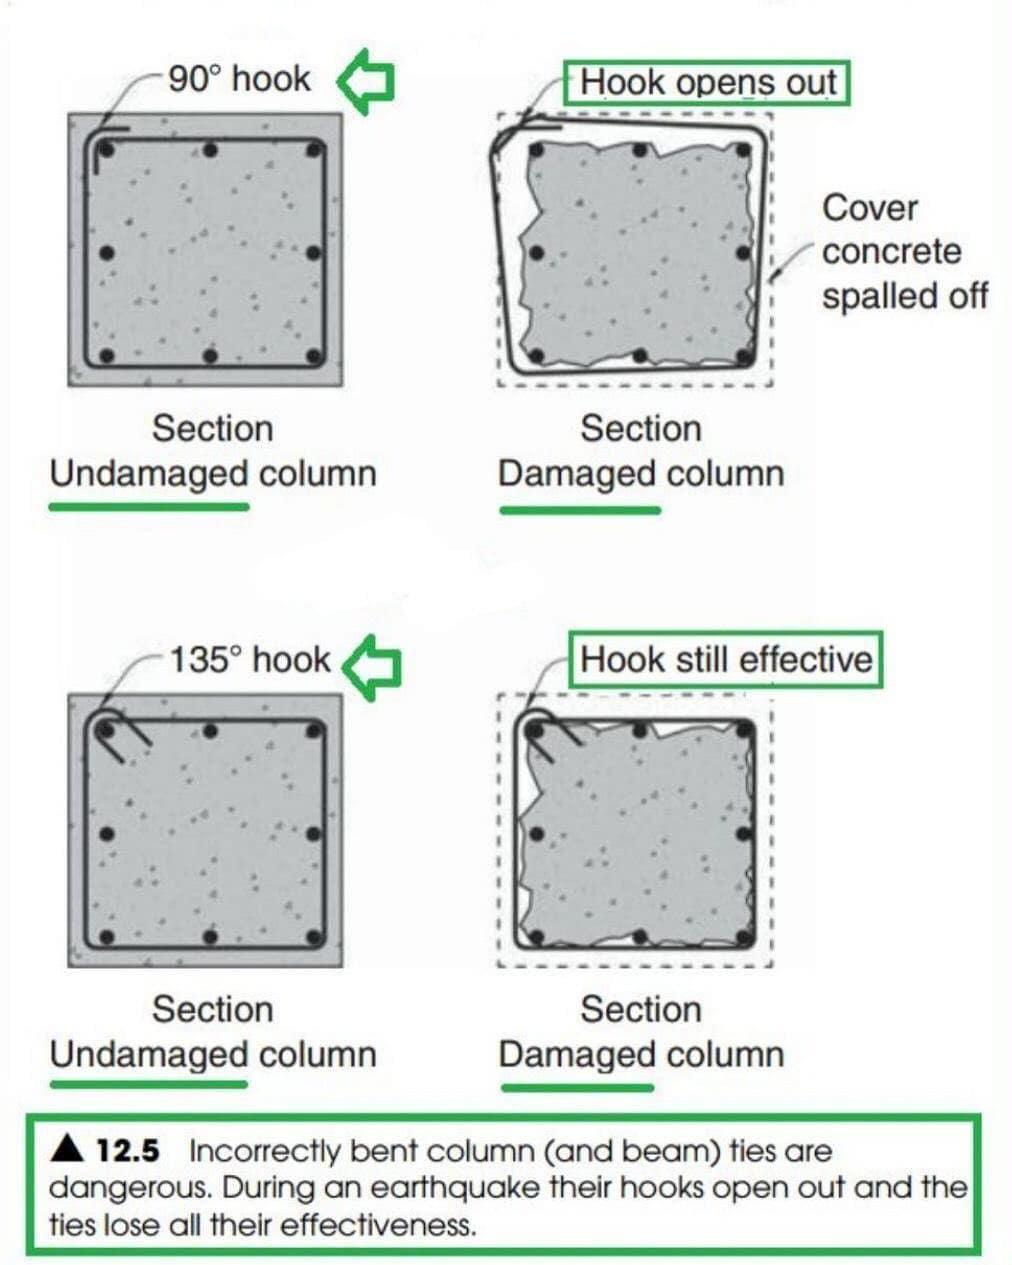 مقایسه عملکرد خم ۹۰ و ۱۳۵ درجه قلاب خاموت های ستون ها طی زمین لرزه